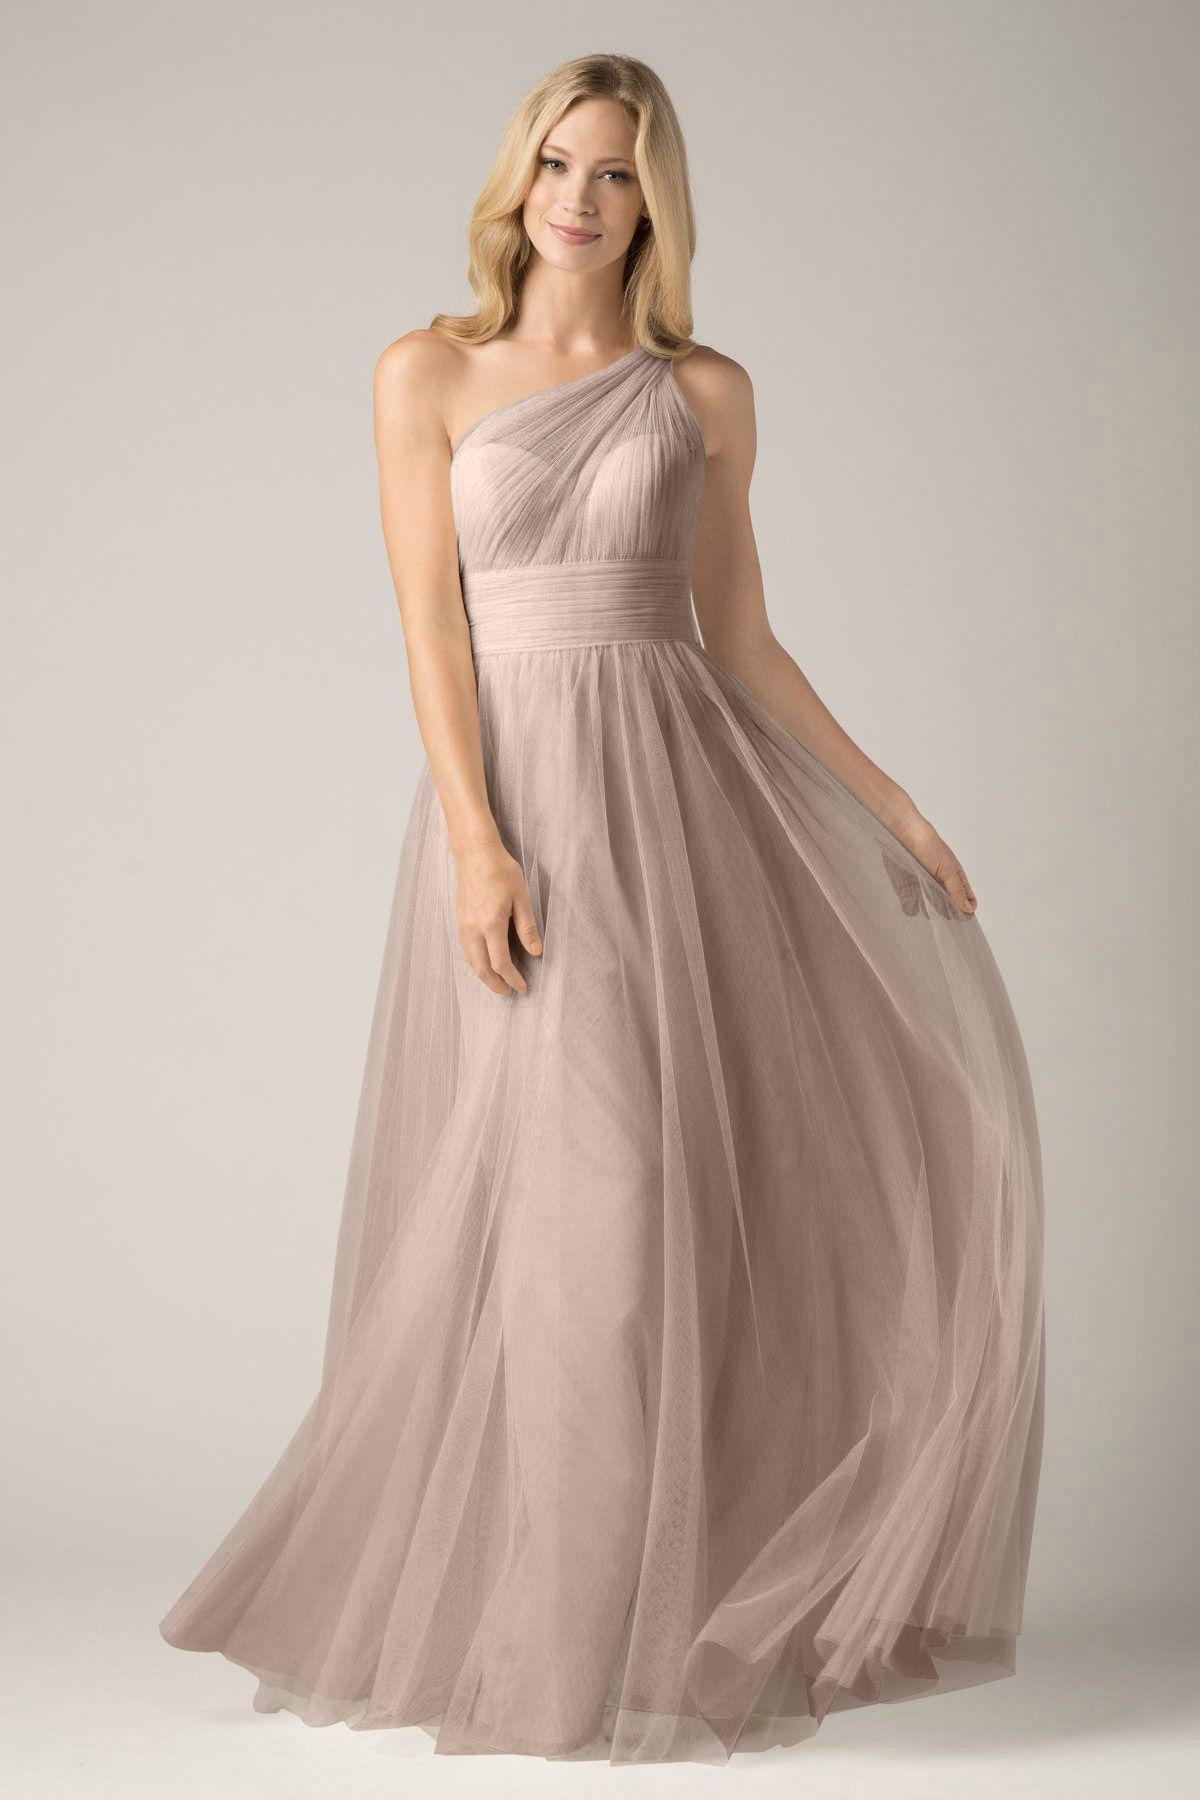 Wishesbridal Grey Tulle One Shoulder Floor Length #Princess ...